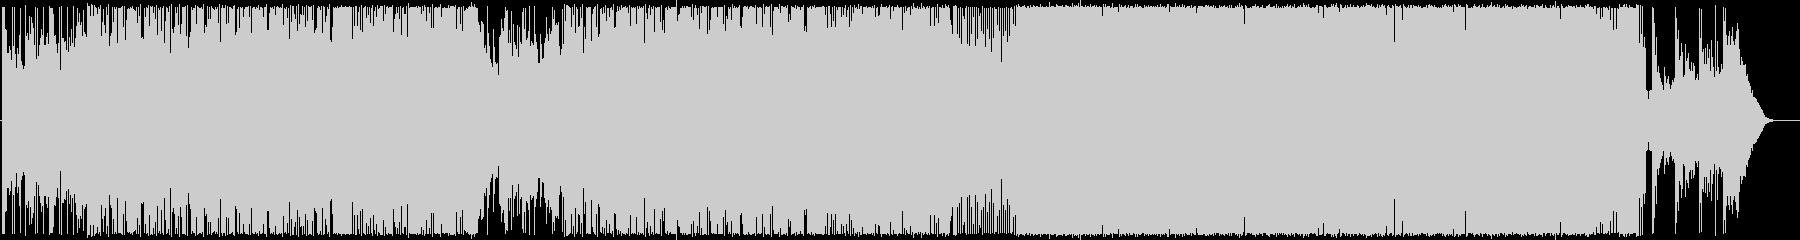 暗めの曲調から疾走感へ変化するロックの未再生の波形